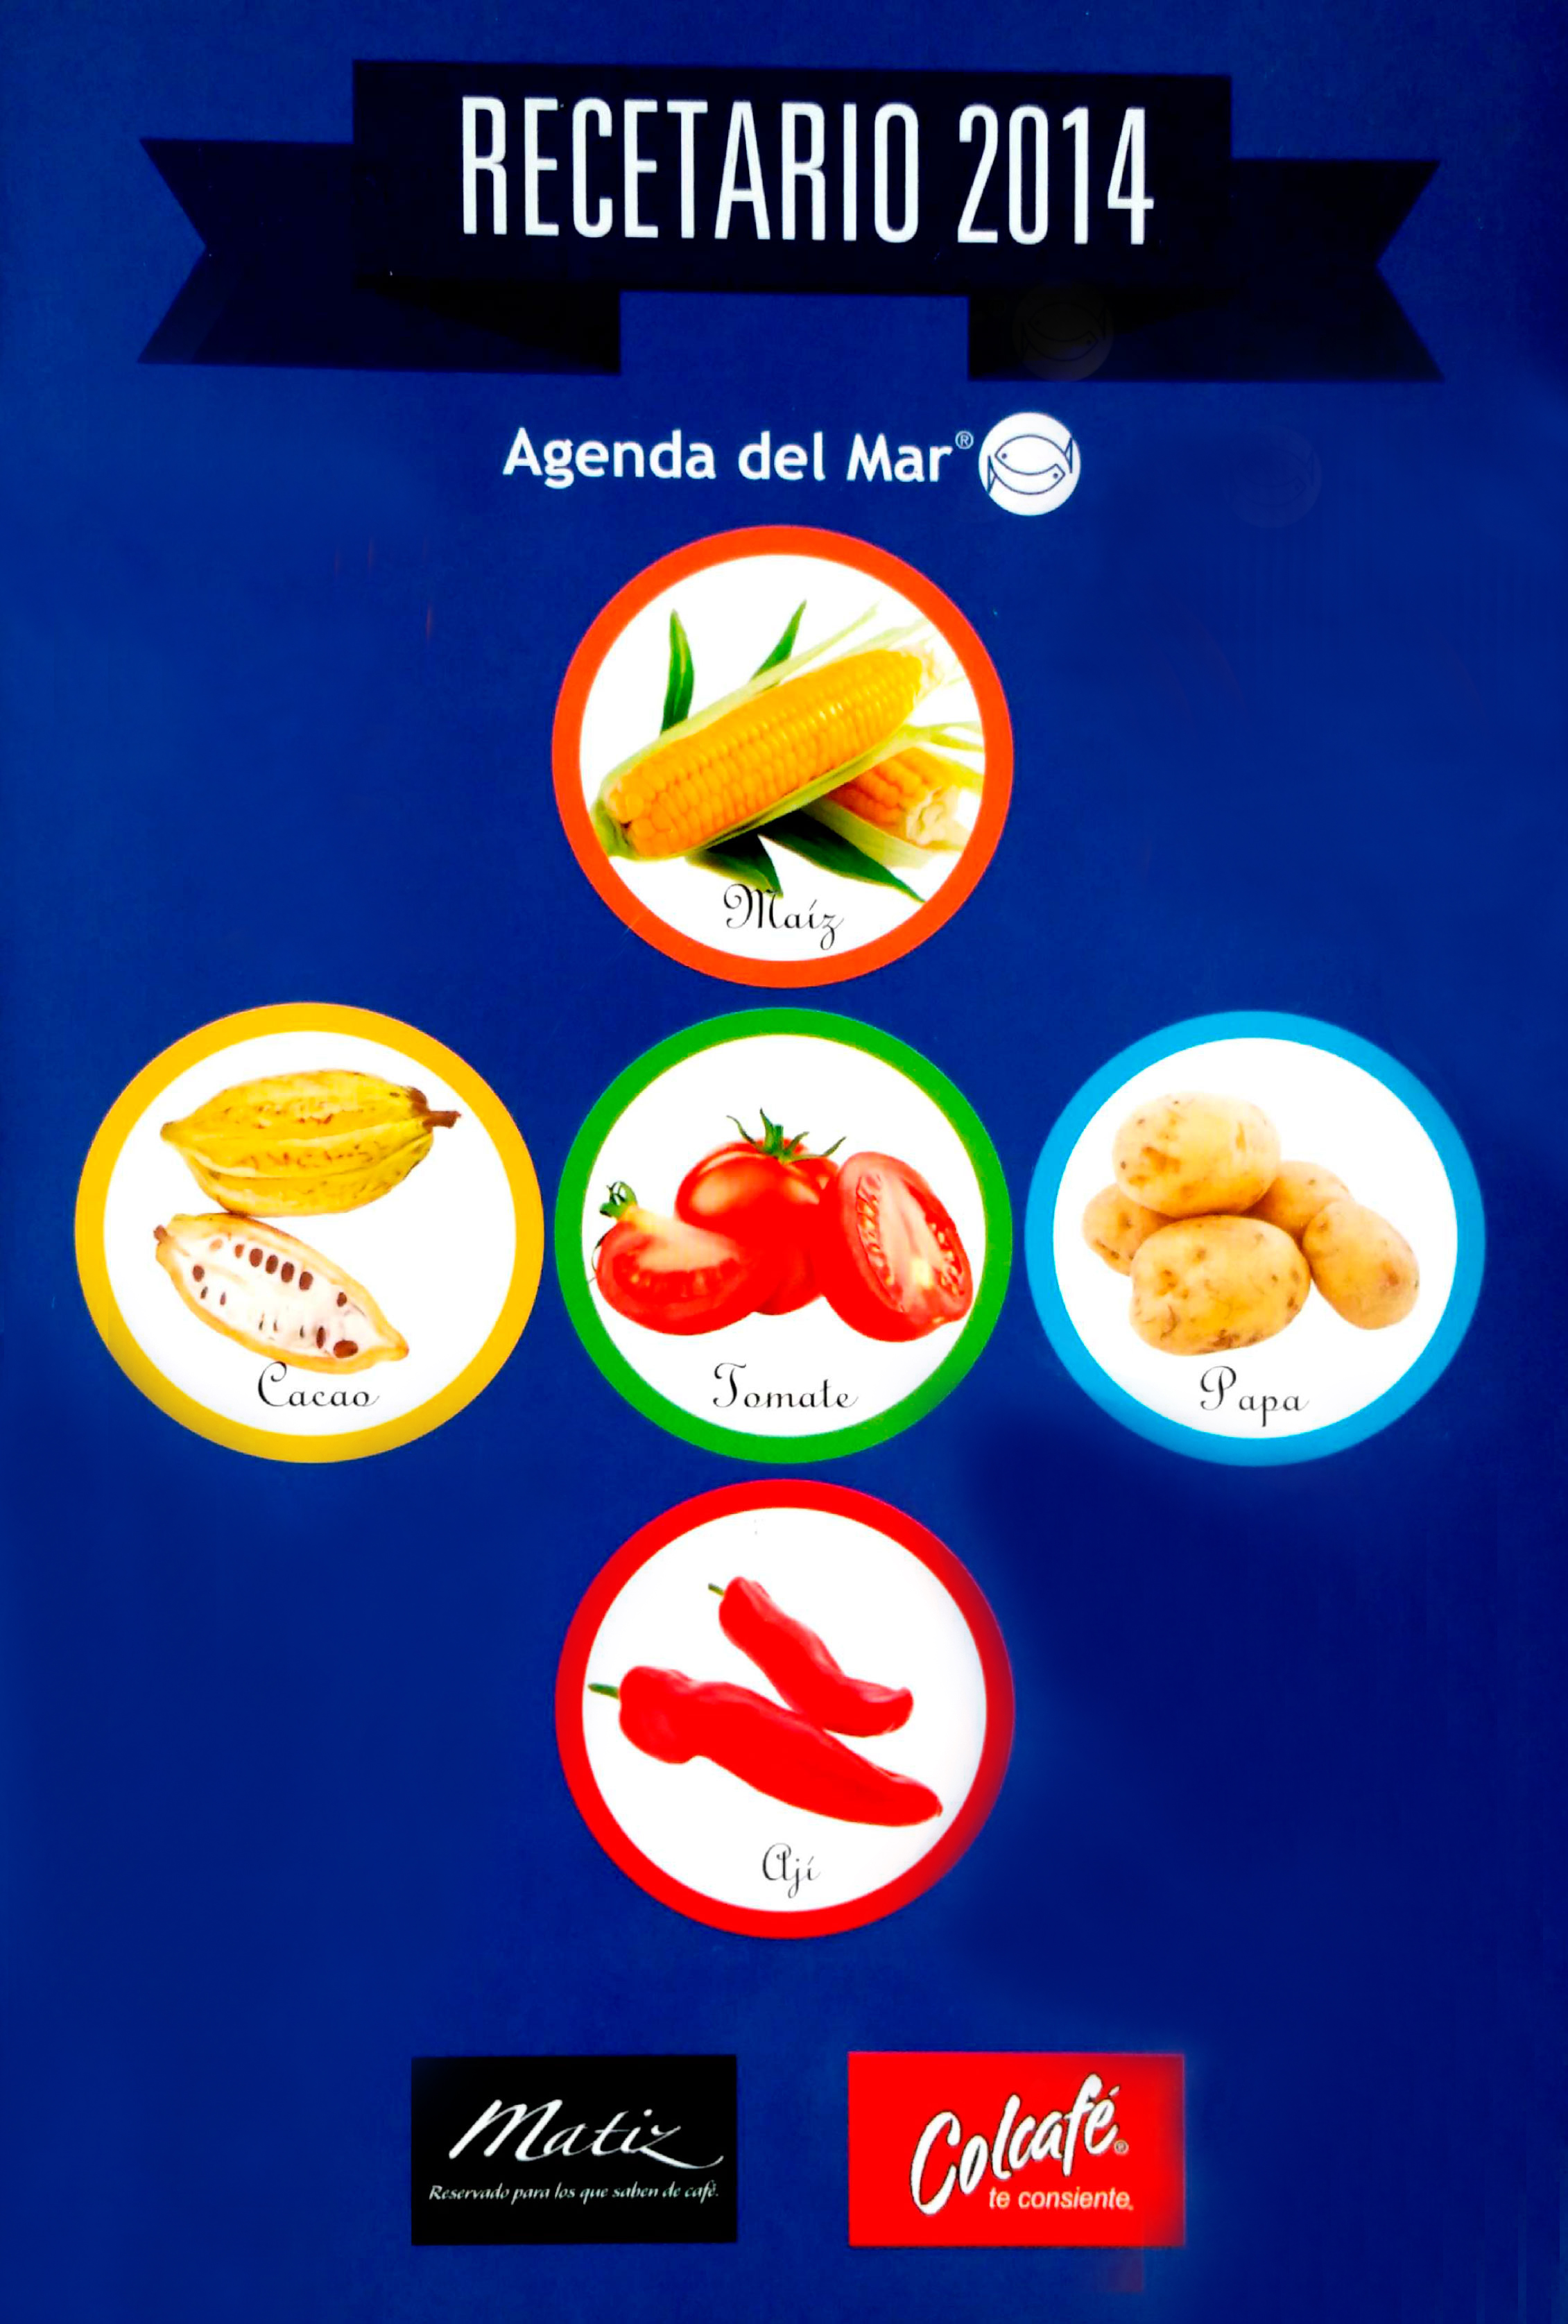 Recetario Agenda del Mar 2014